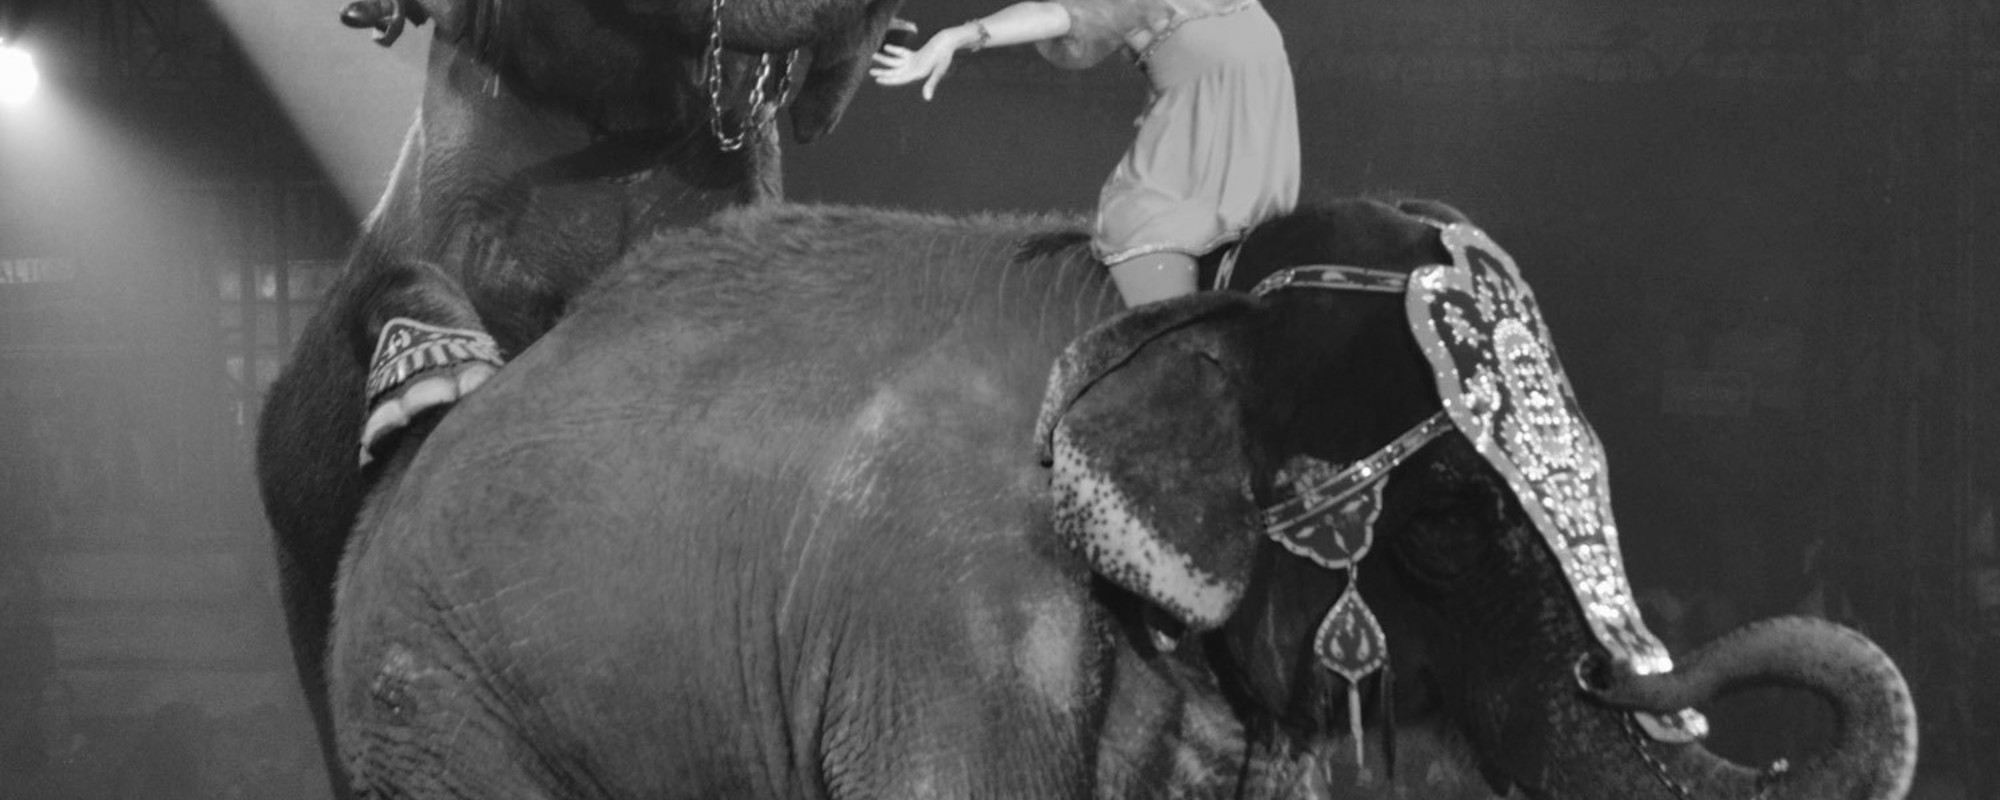 El circo mexicano perdió la grandeza animal